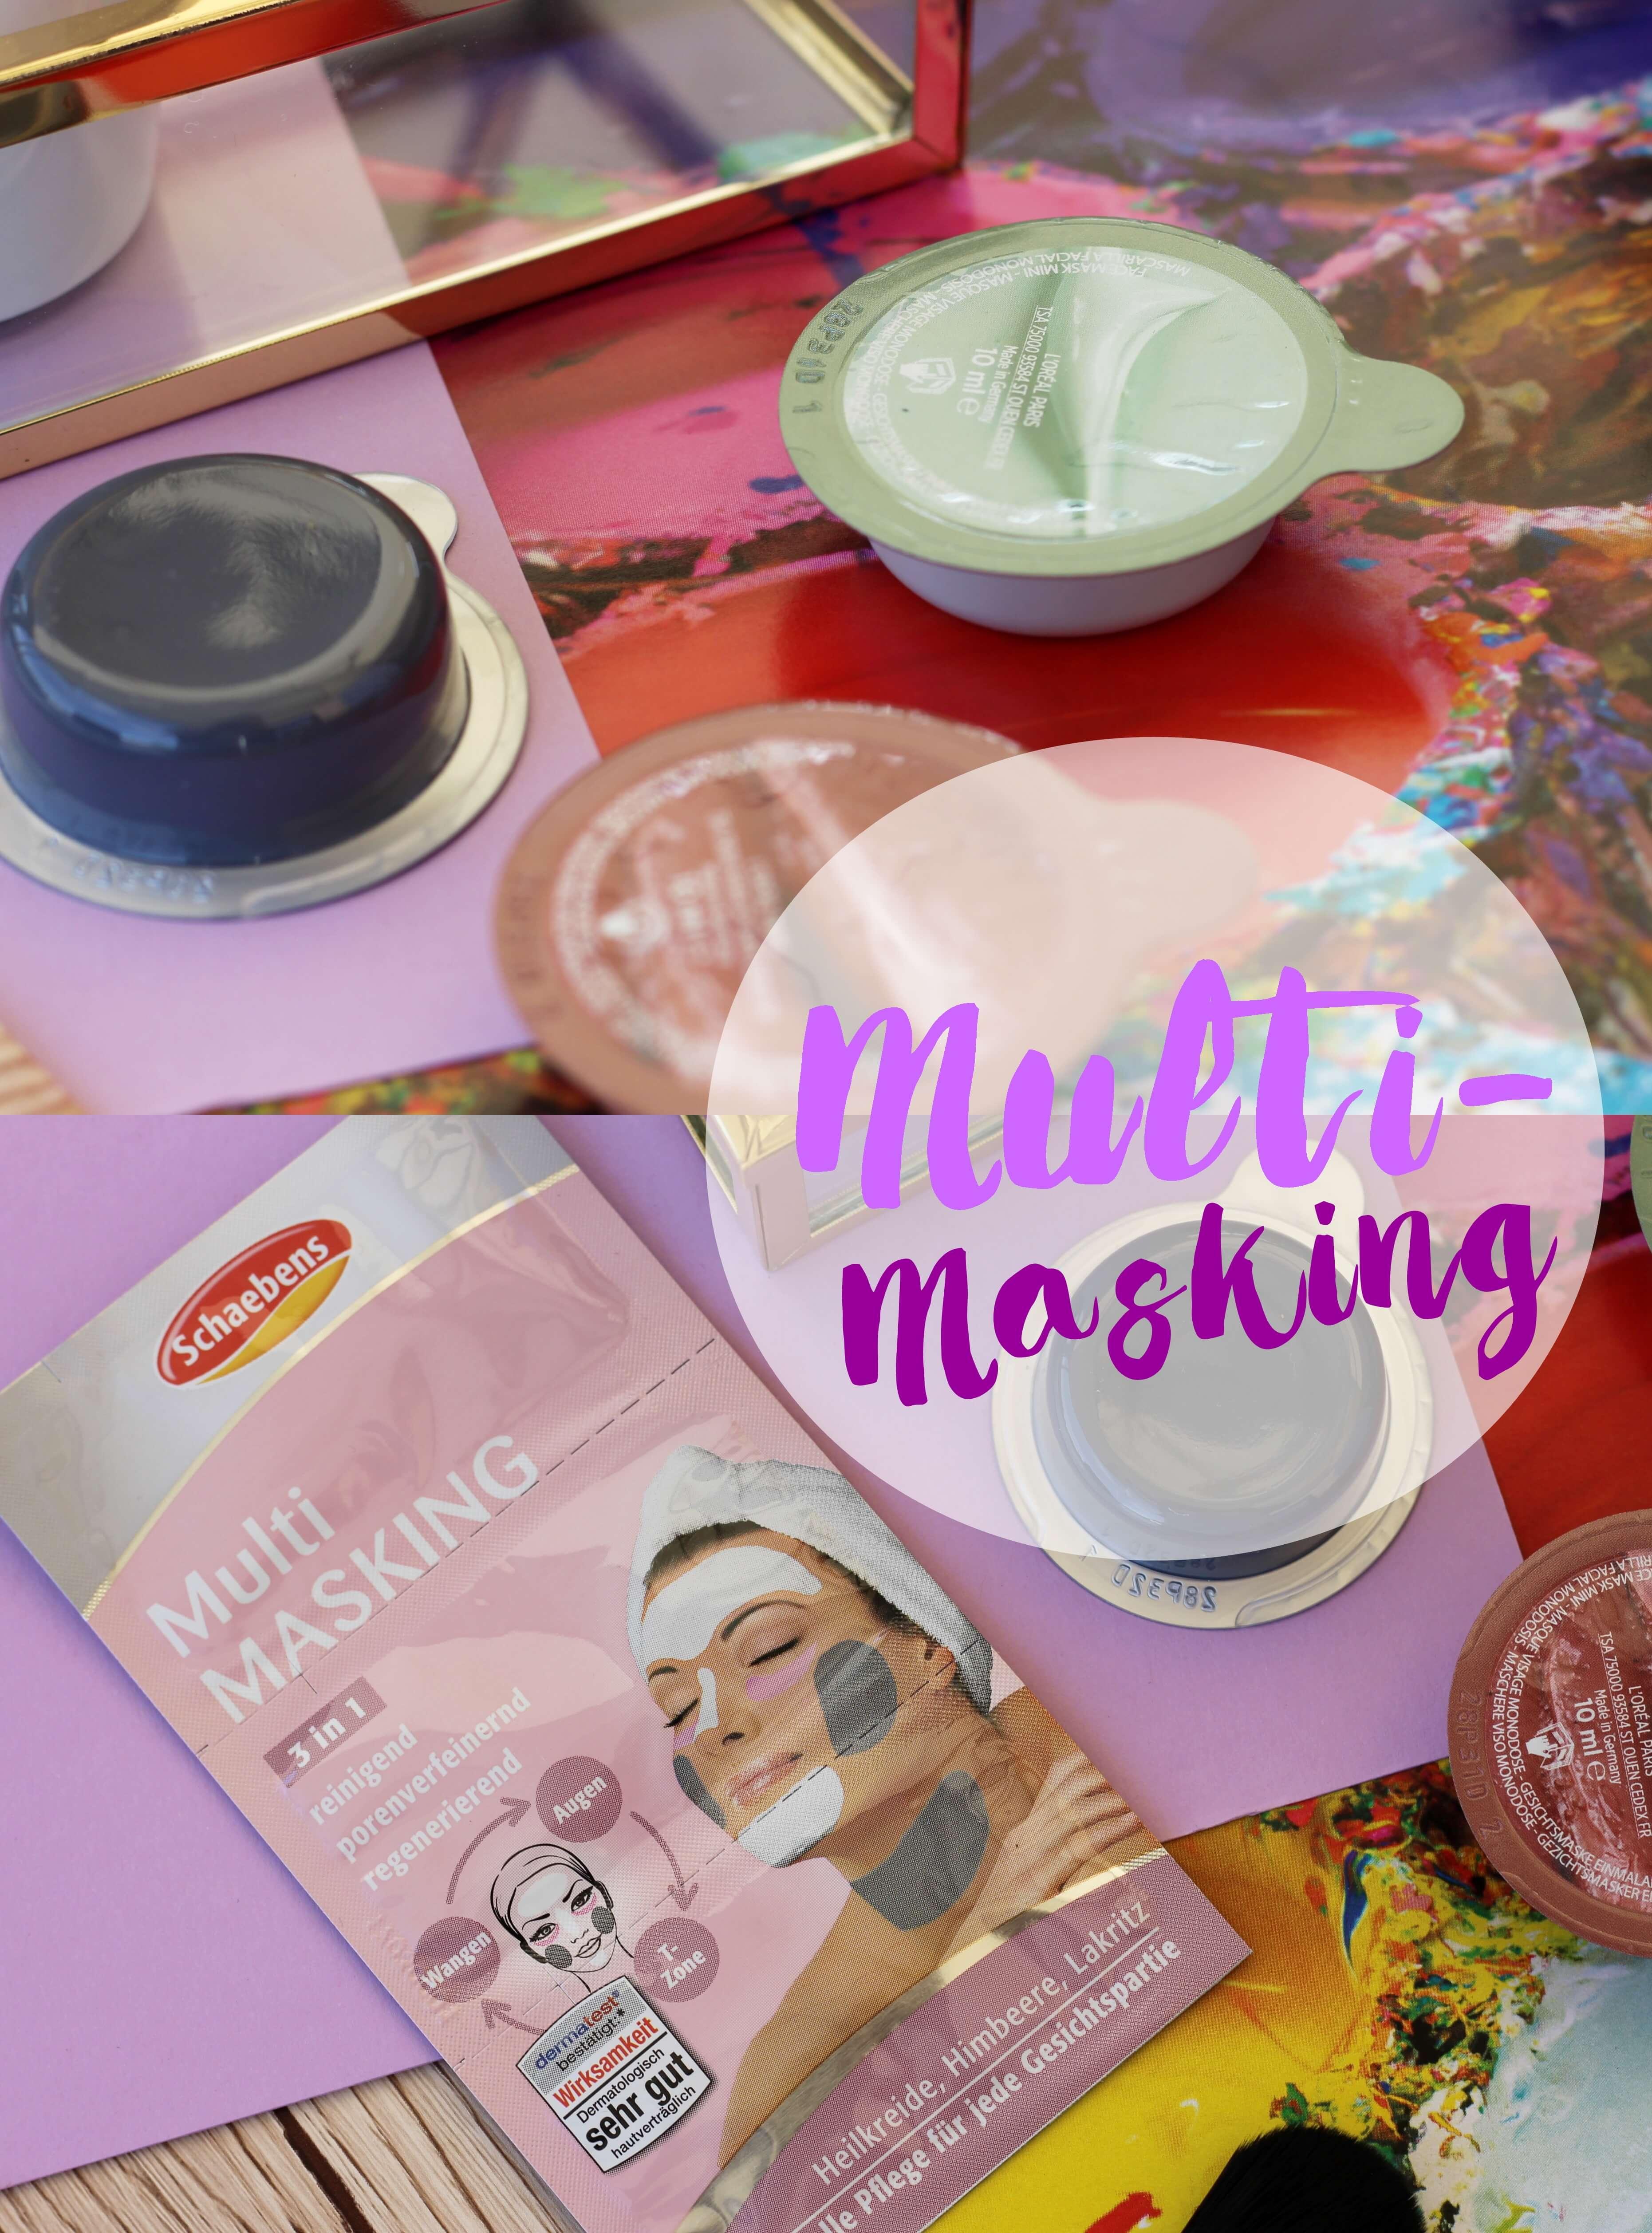 multi-masking-so-funktiert-der-masken-trend-tantedine